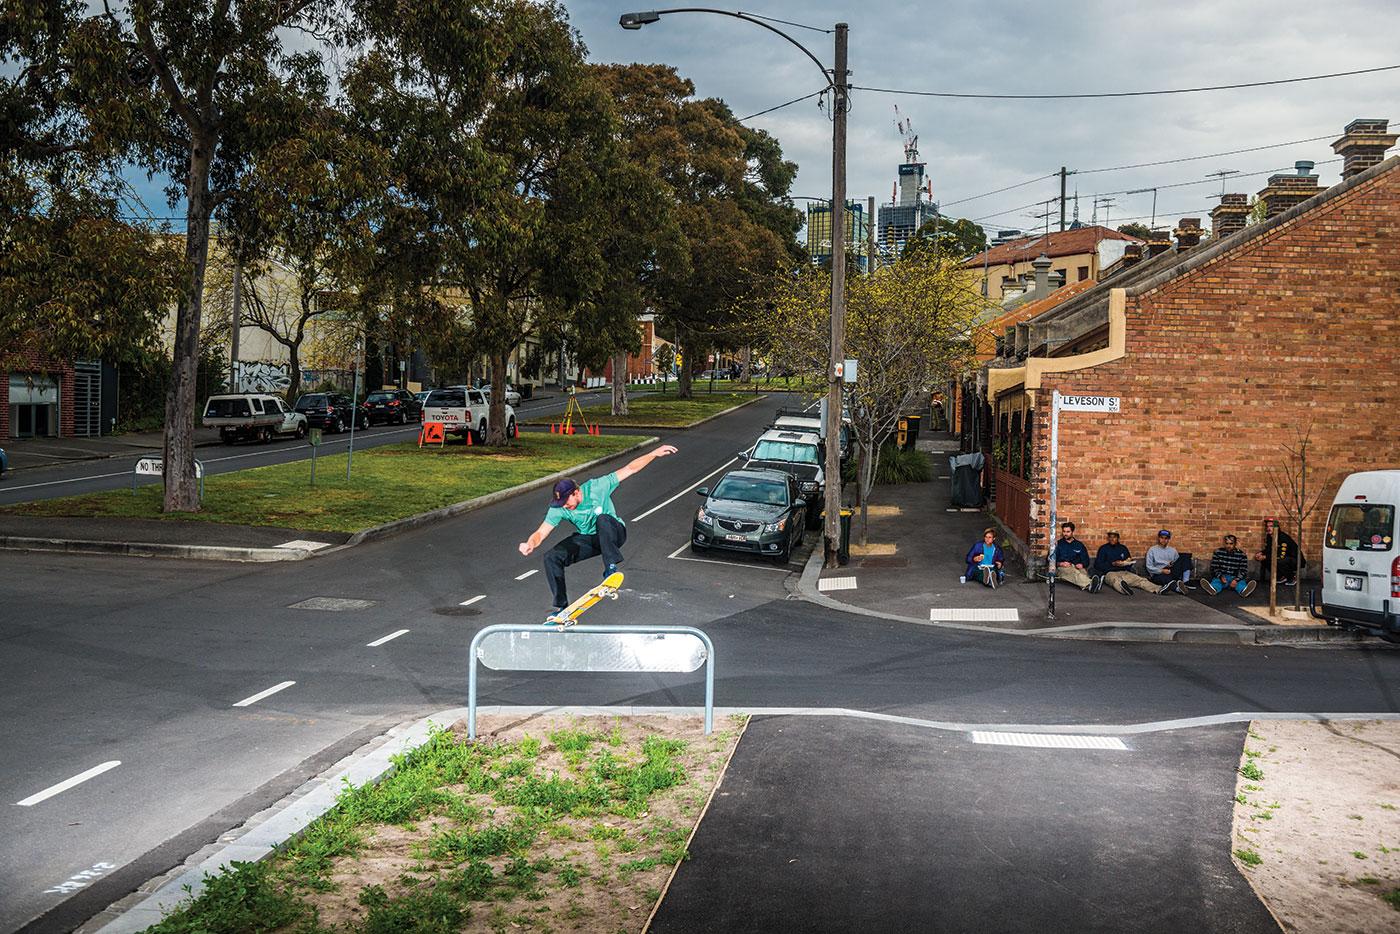 Frontside nosegrind, Melbourne